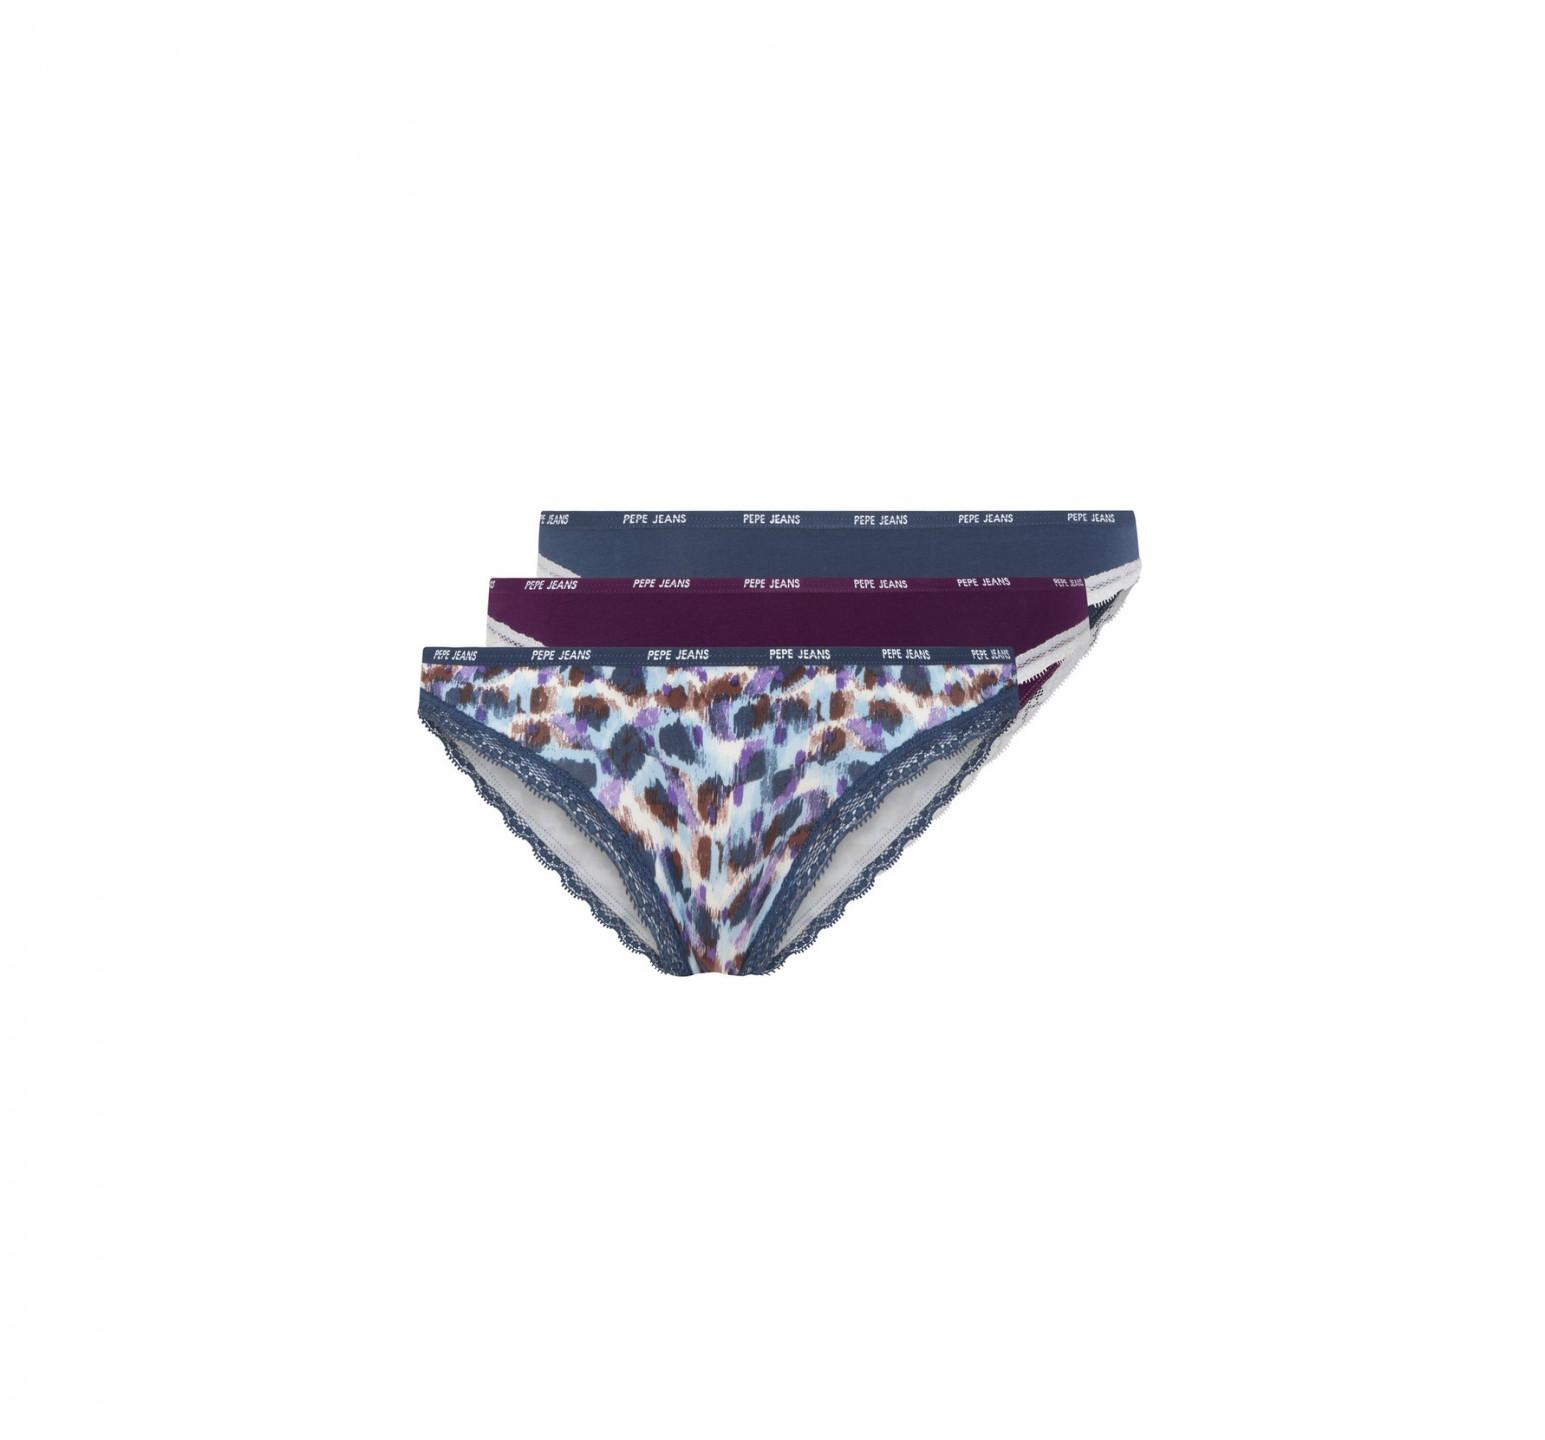 Pepe Jeans Pepe Jeans dámské vícebarevné kalhotky Madella | 3 kusy